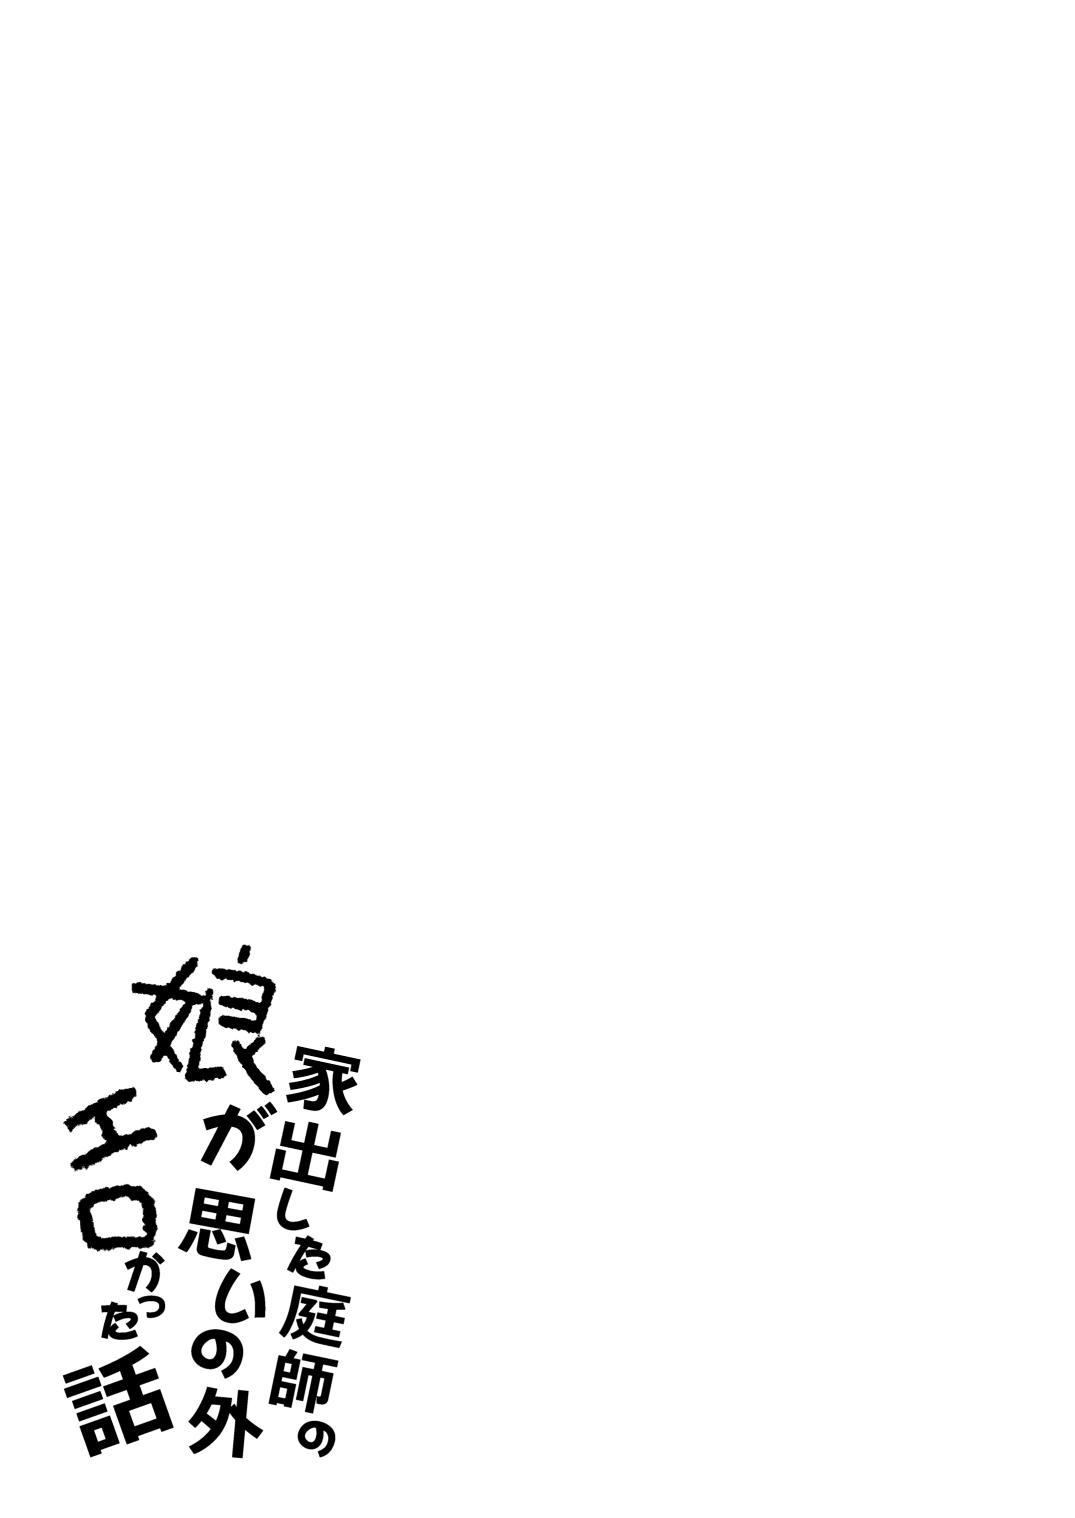 Iede Shita Niwashi no Musume ga Omoinohoka Erokatta Hanashi 1